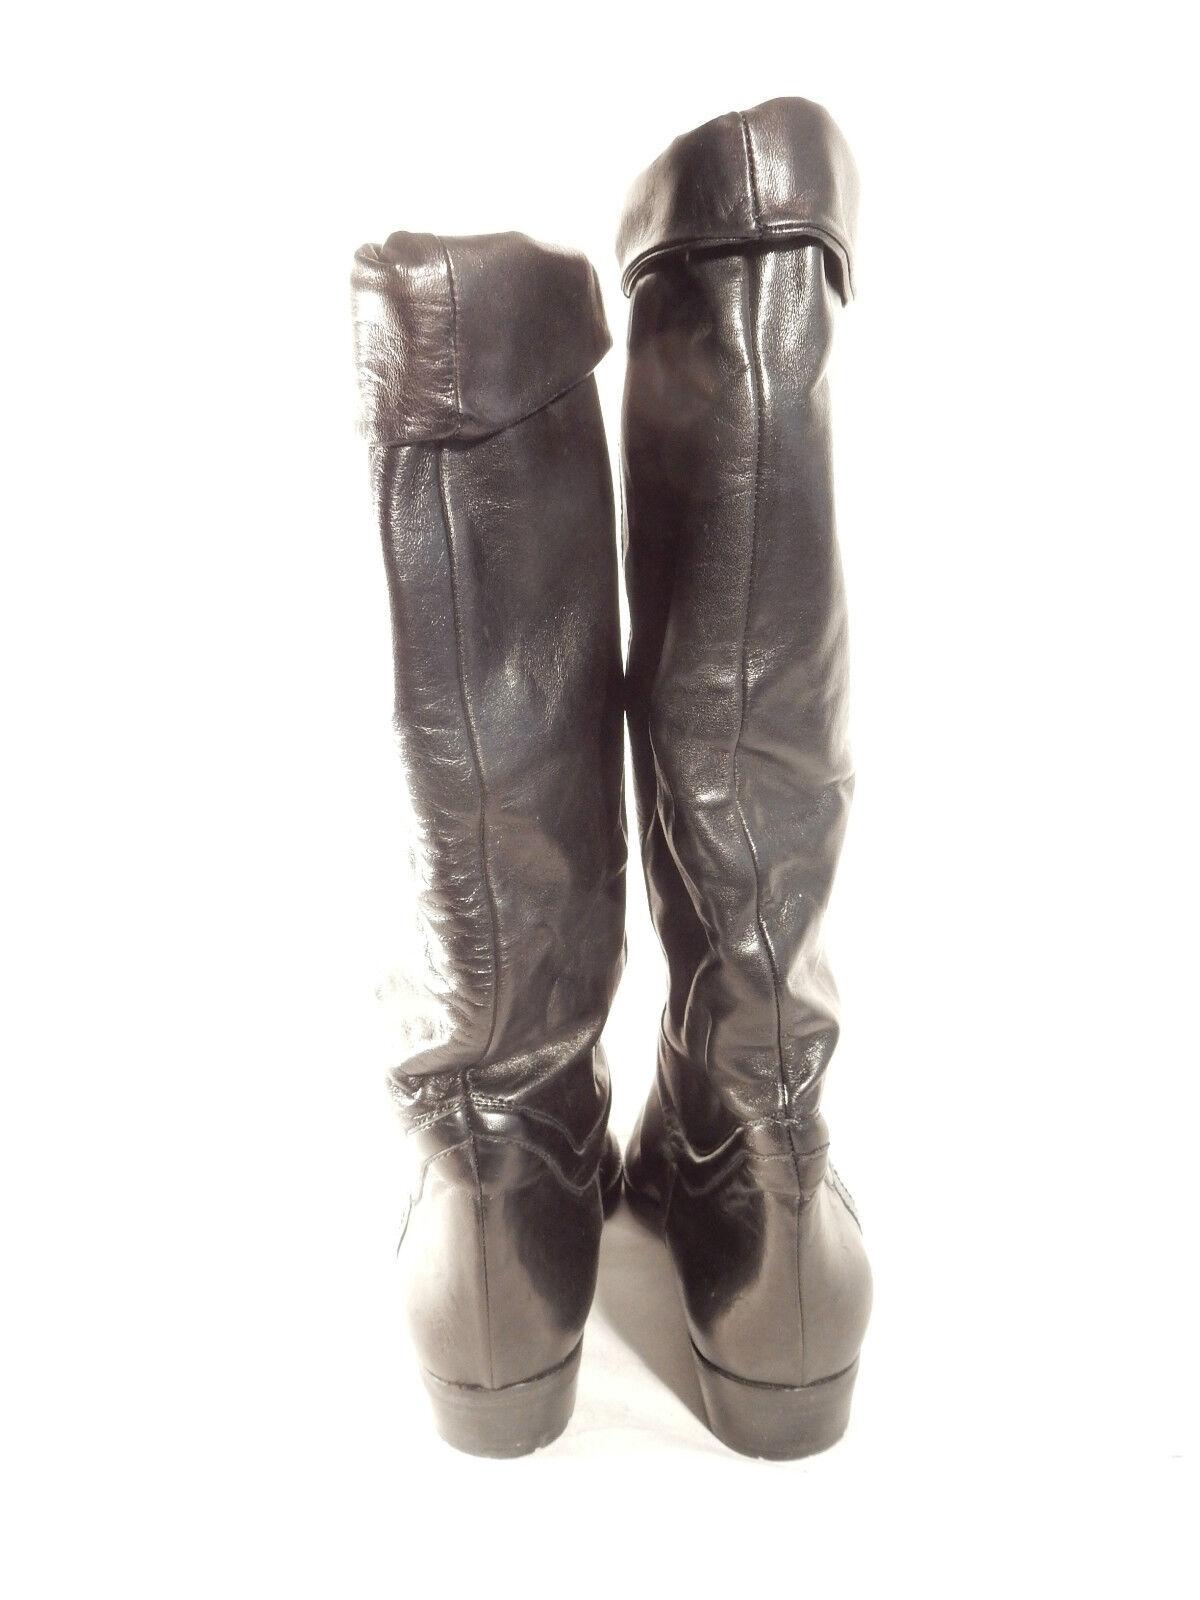 BALLY Stiefel Gr weiches 38 schwarz Innenleder sehr weiches Gr Leder b265cf